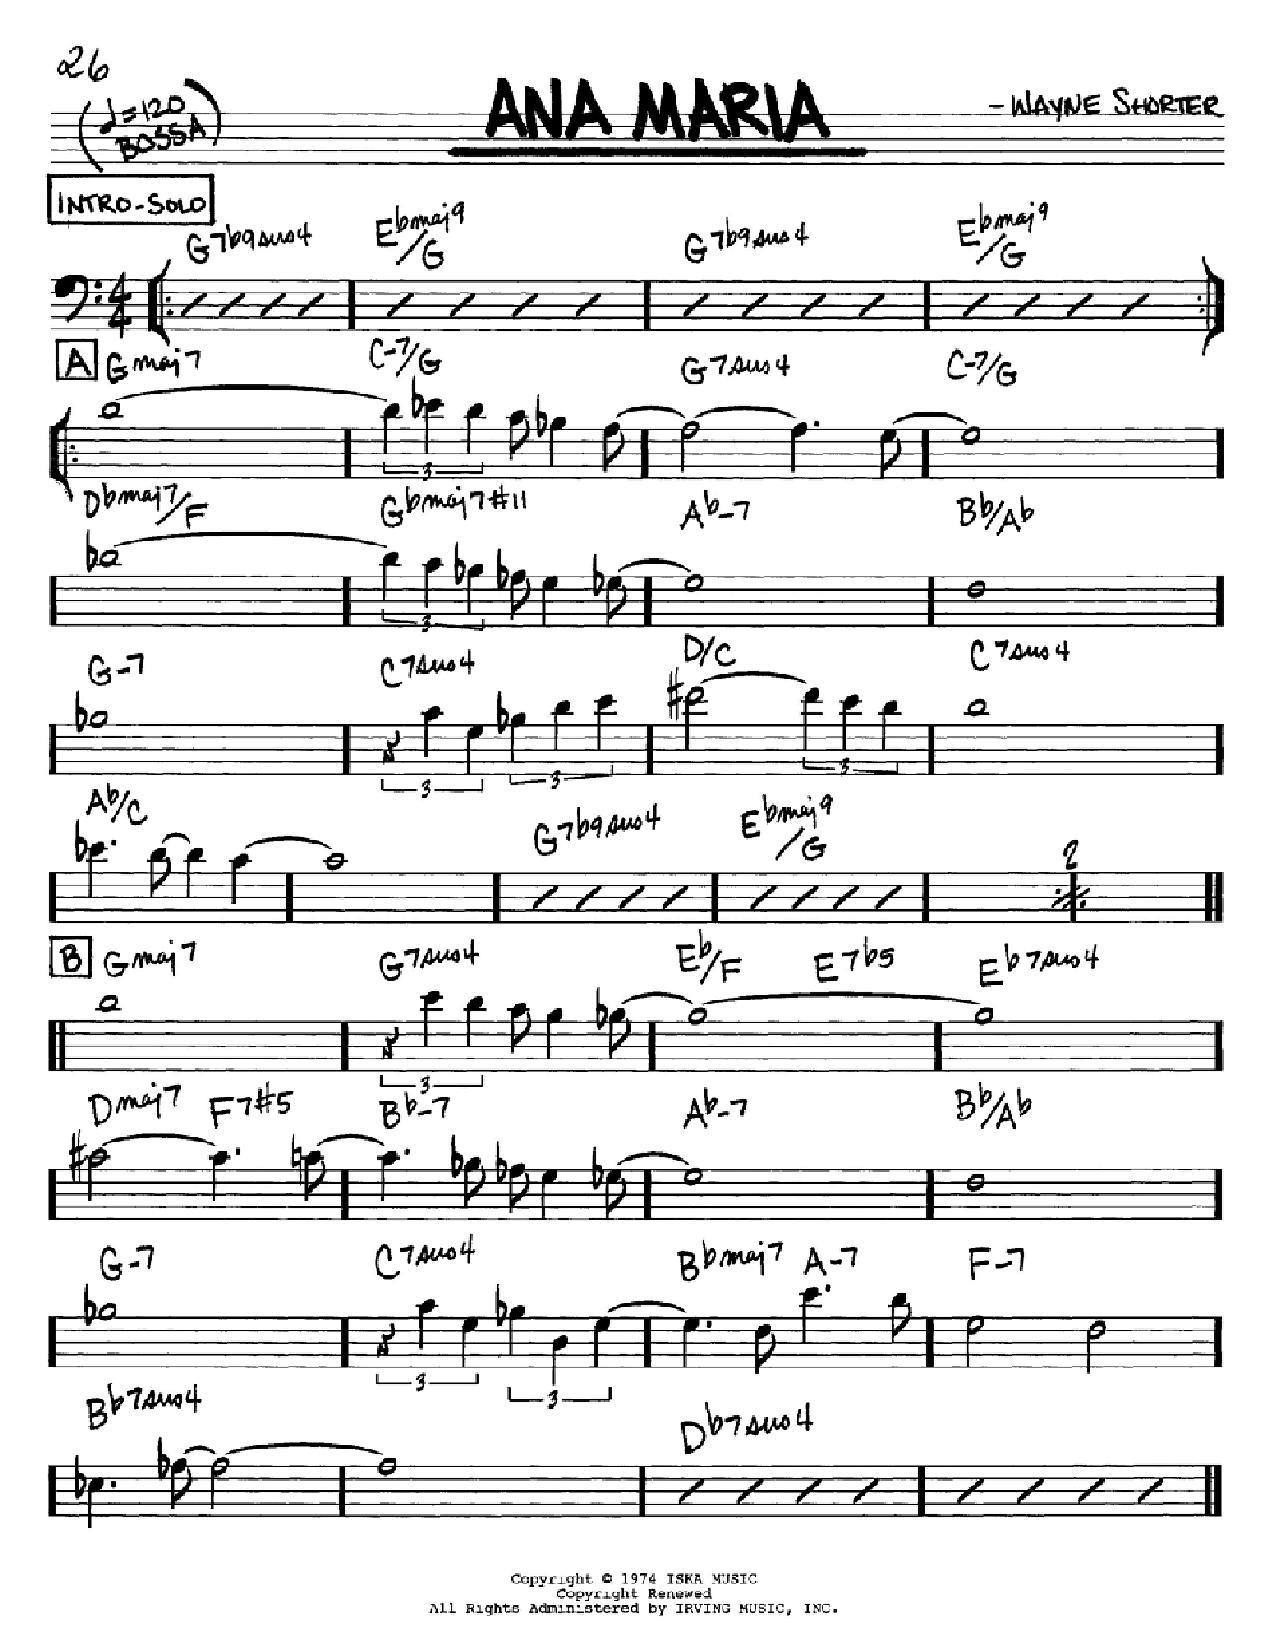 Partition autre Ana Maria de Wayne Shorter - Real Book, Melodie et Accords, Inst. En cle de Fa